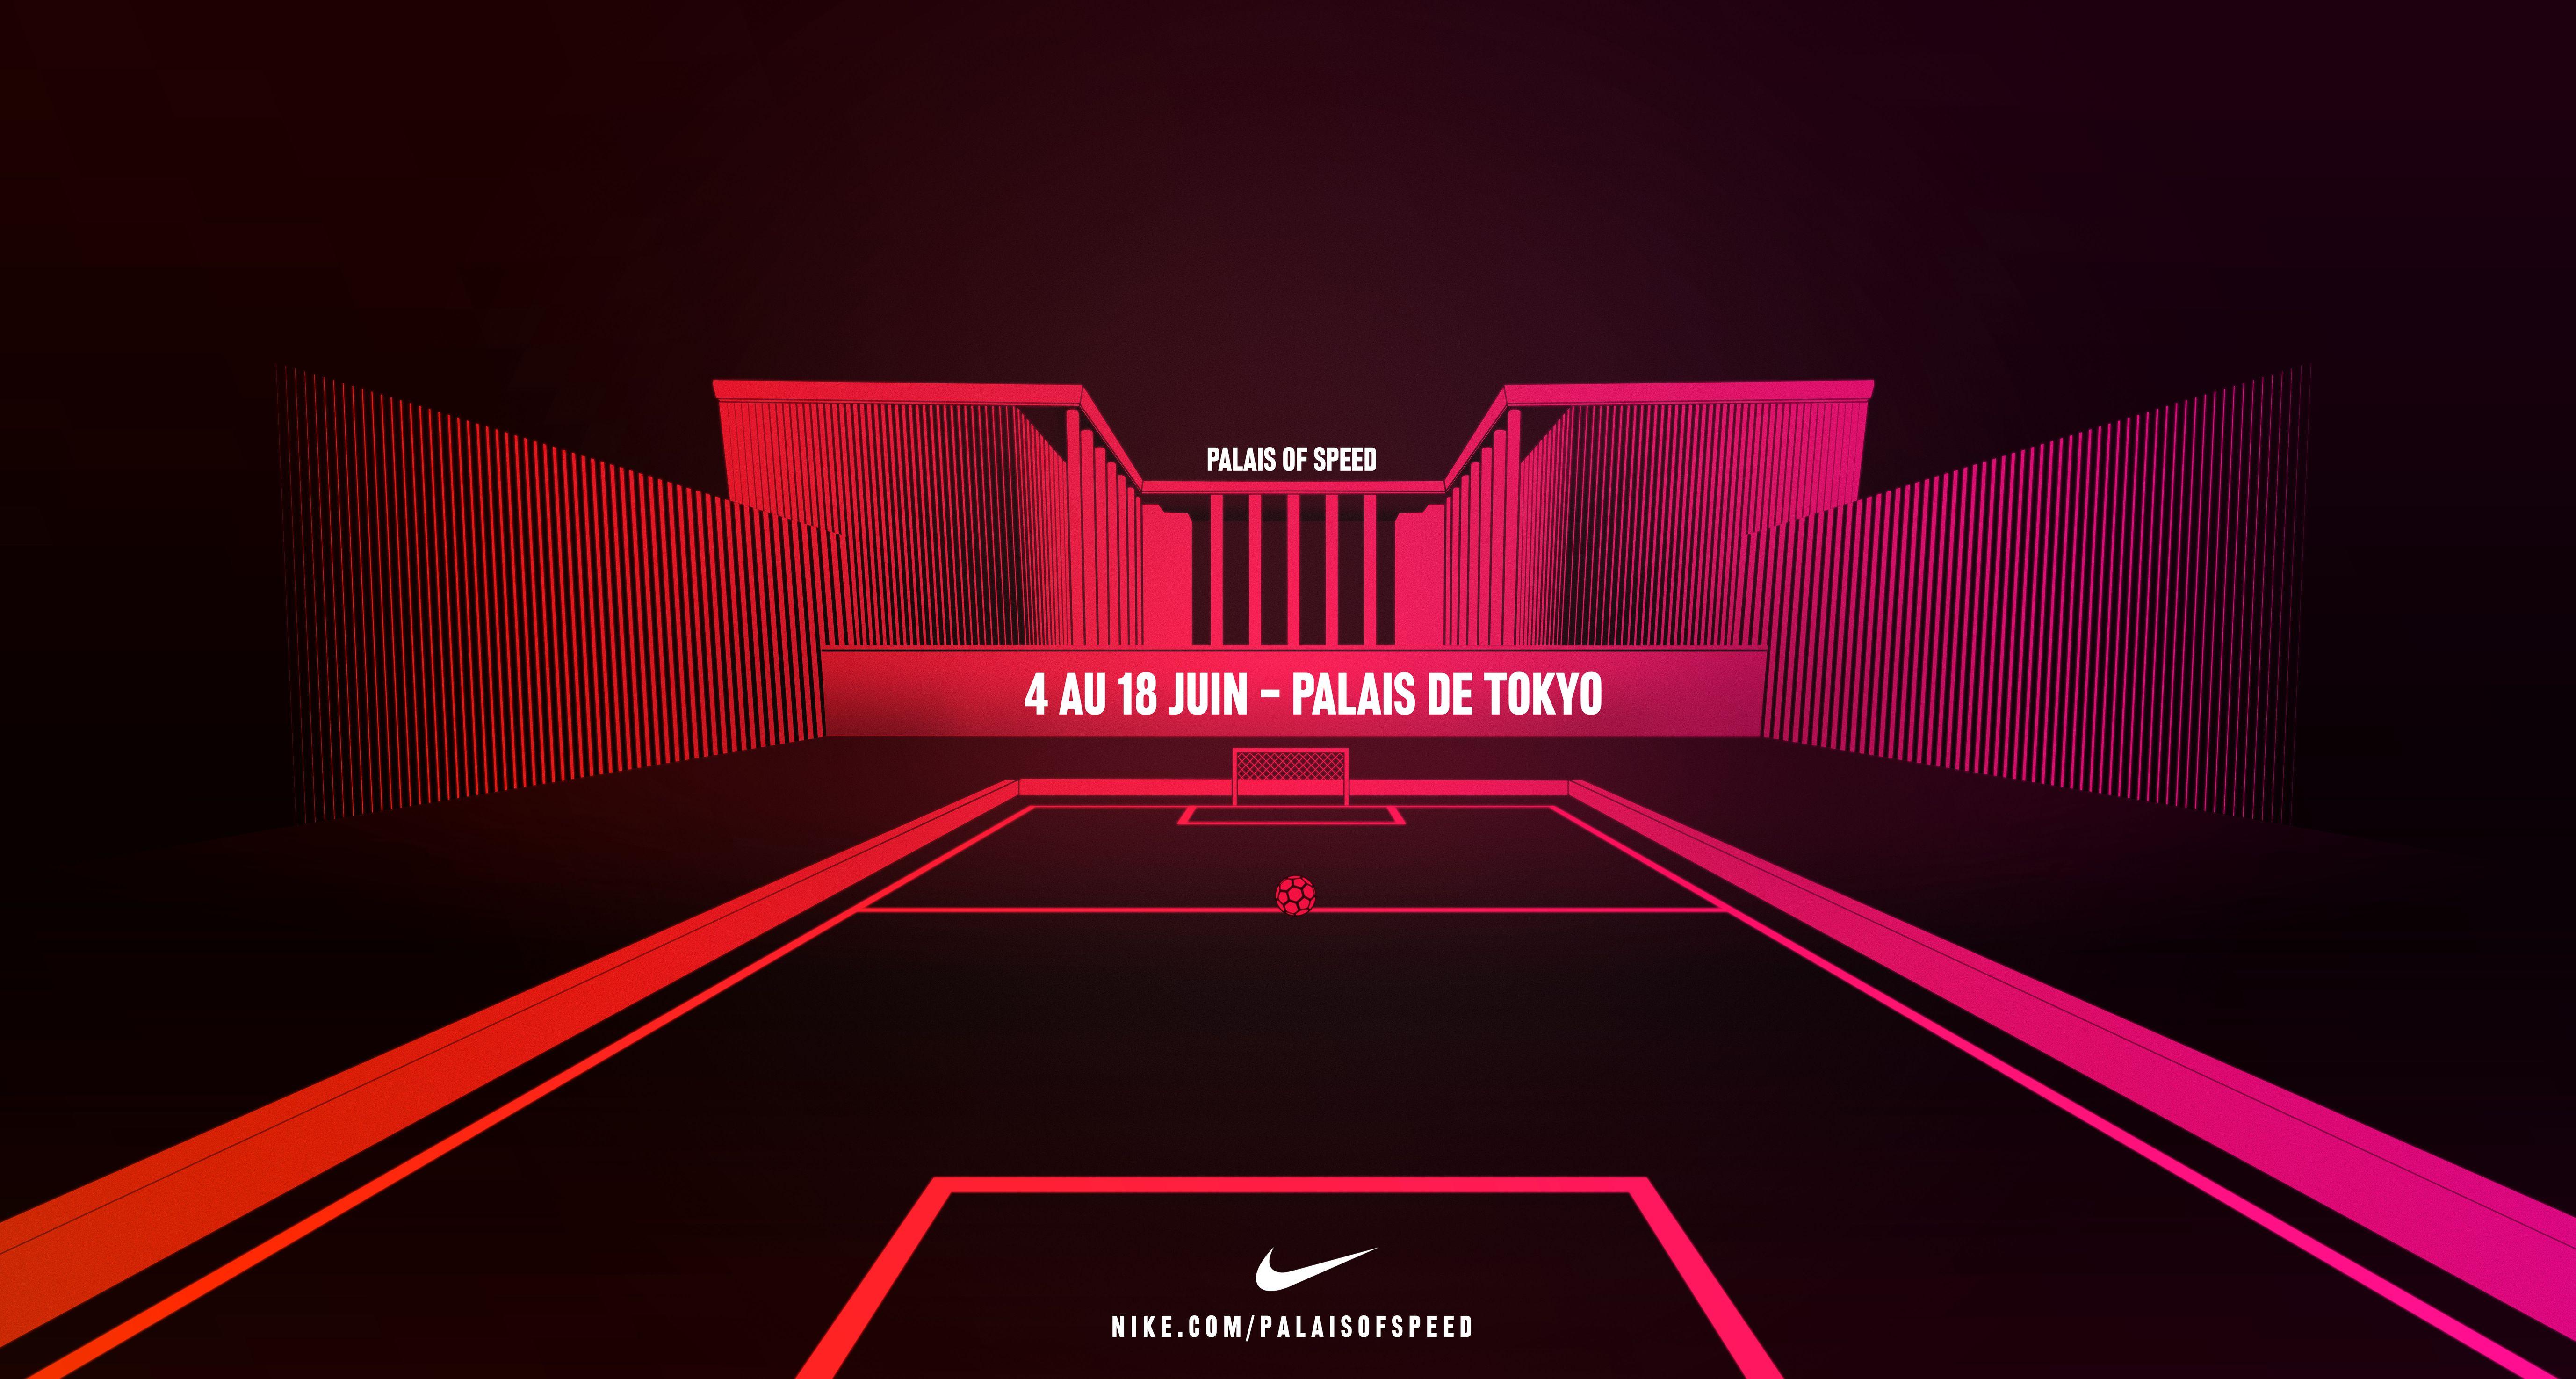 L'exposition dédiée au football par Nike ouvre ses portes samedi 4 juin 2016